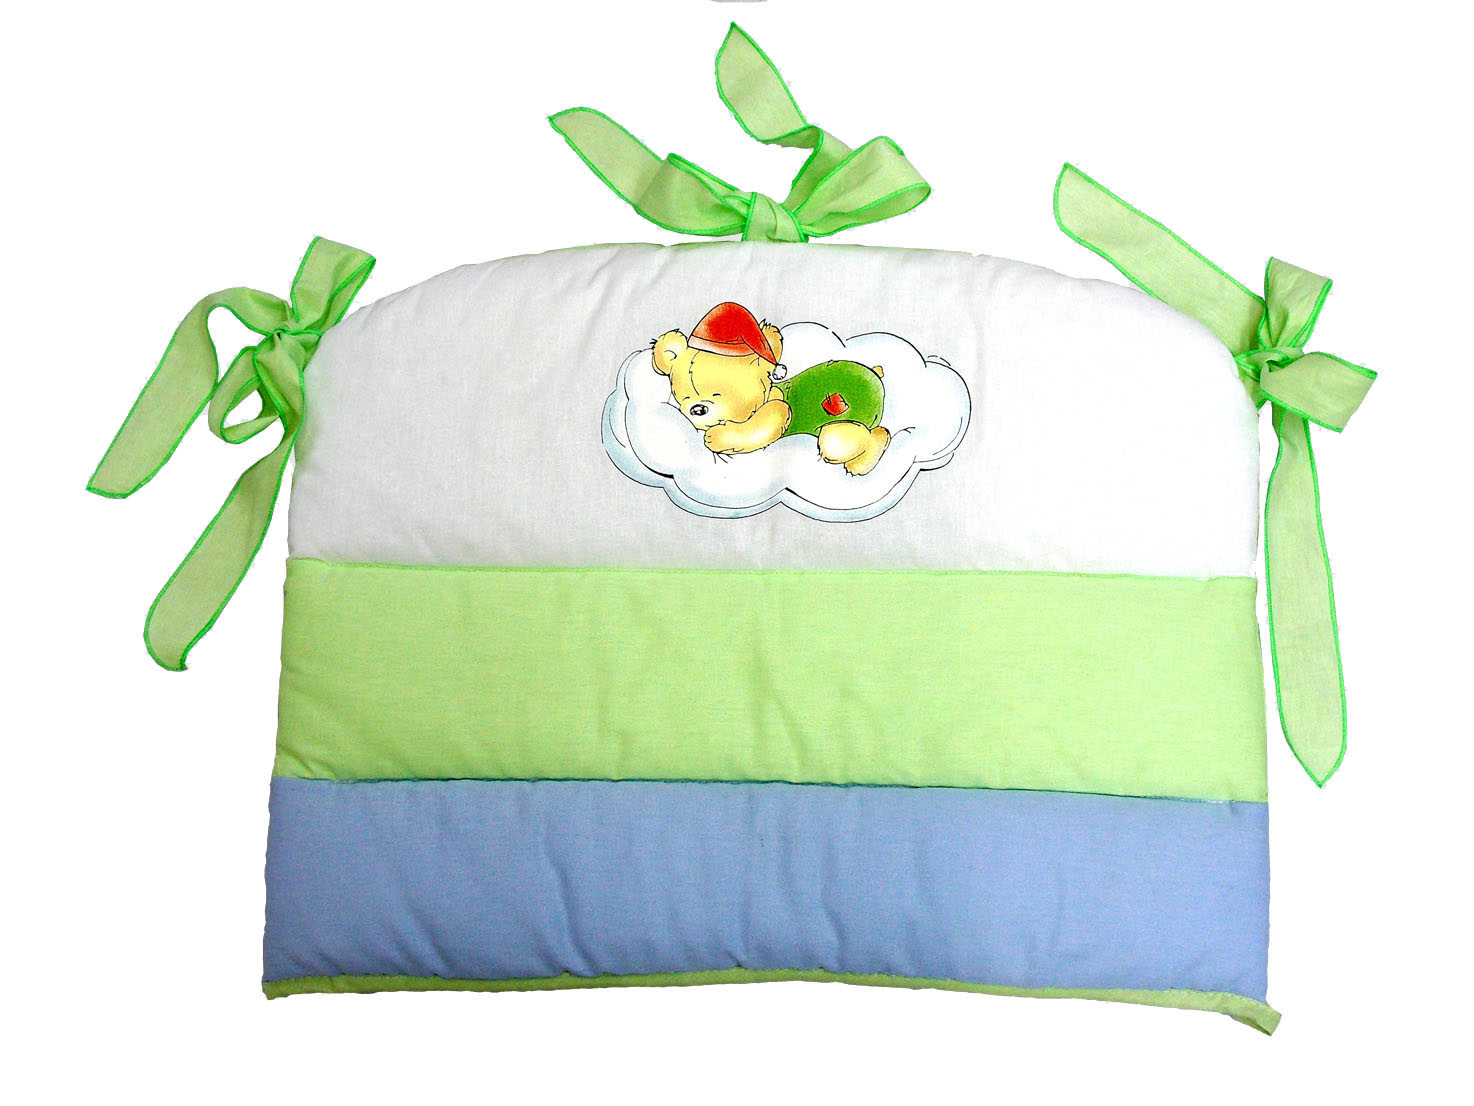 Бампер - CapriccioБампер в кроватку<br>Бампер - Capriccio<br>